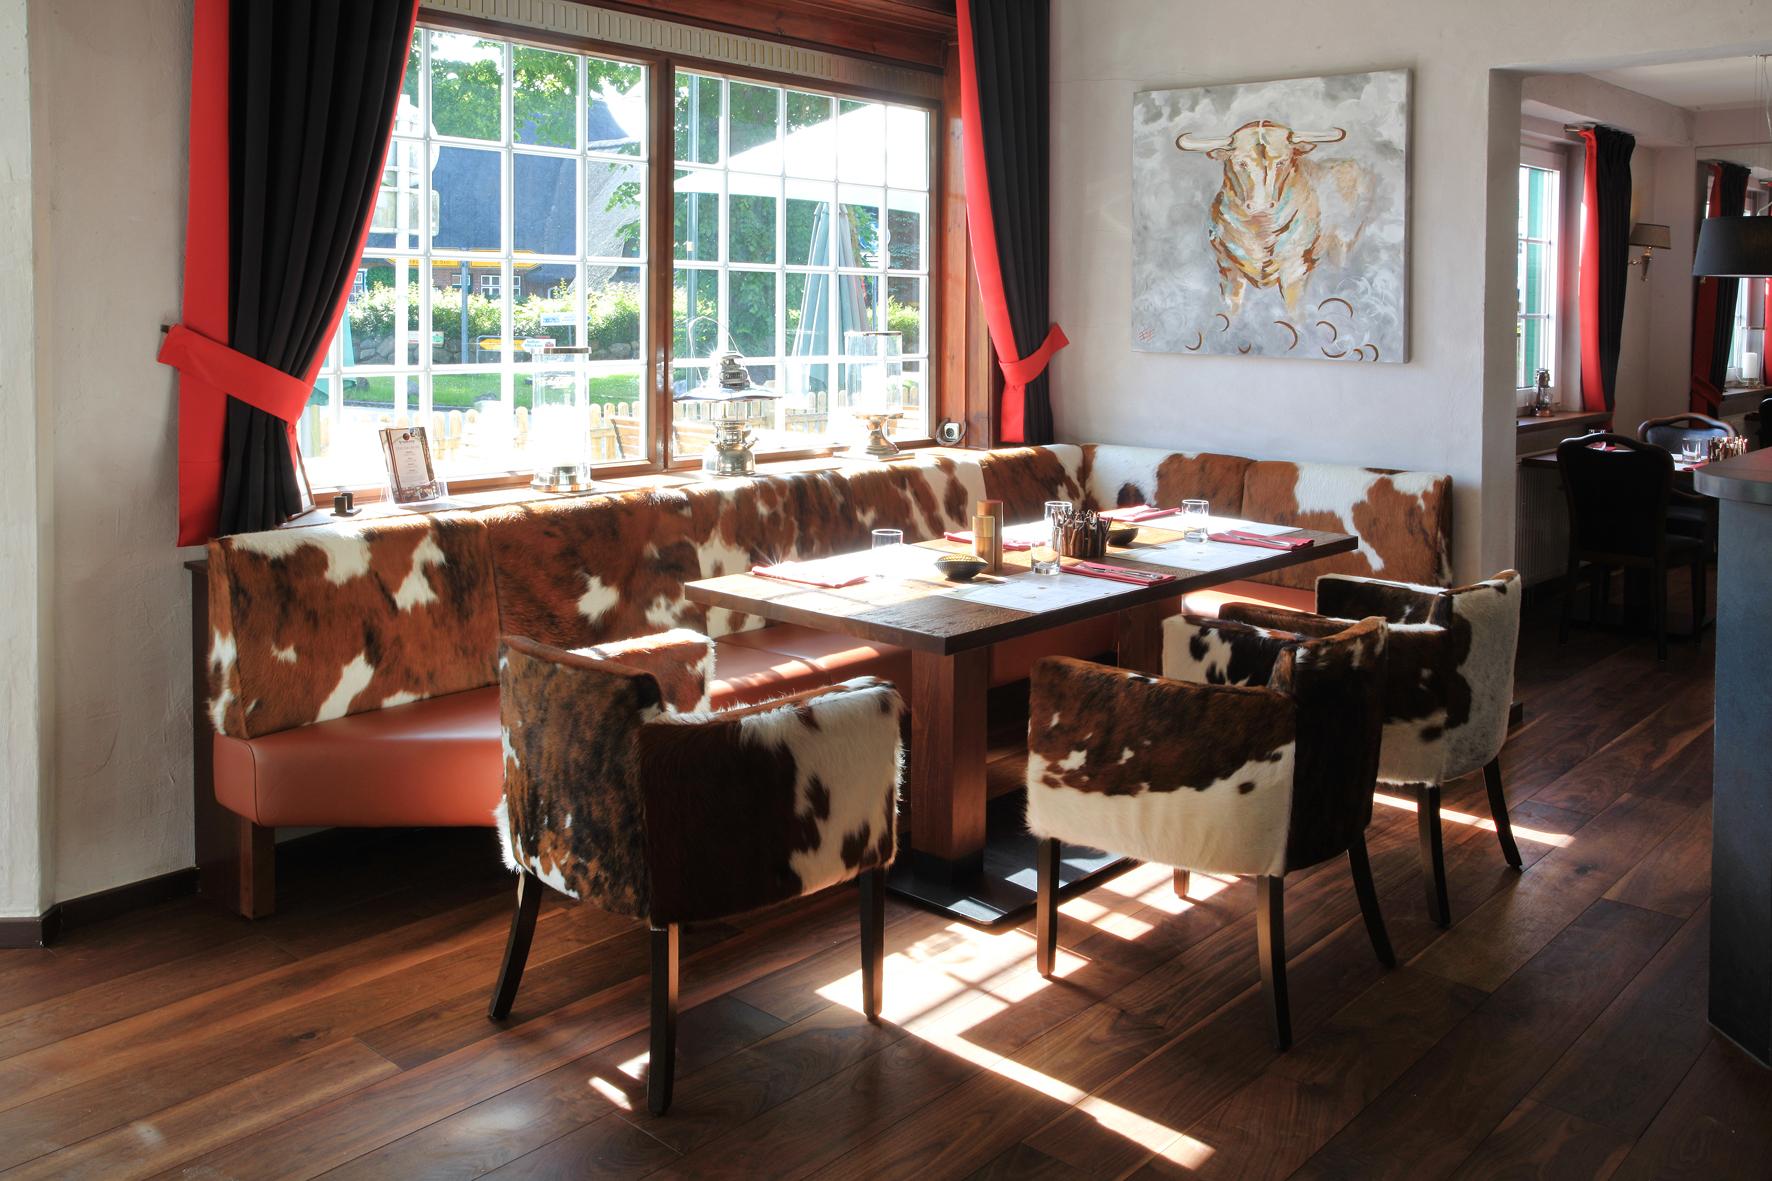 Durchdachte Restaurant Einrichtung: Individuell eingepasste Polsterbank von Schnieder